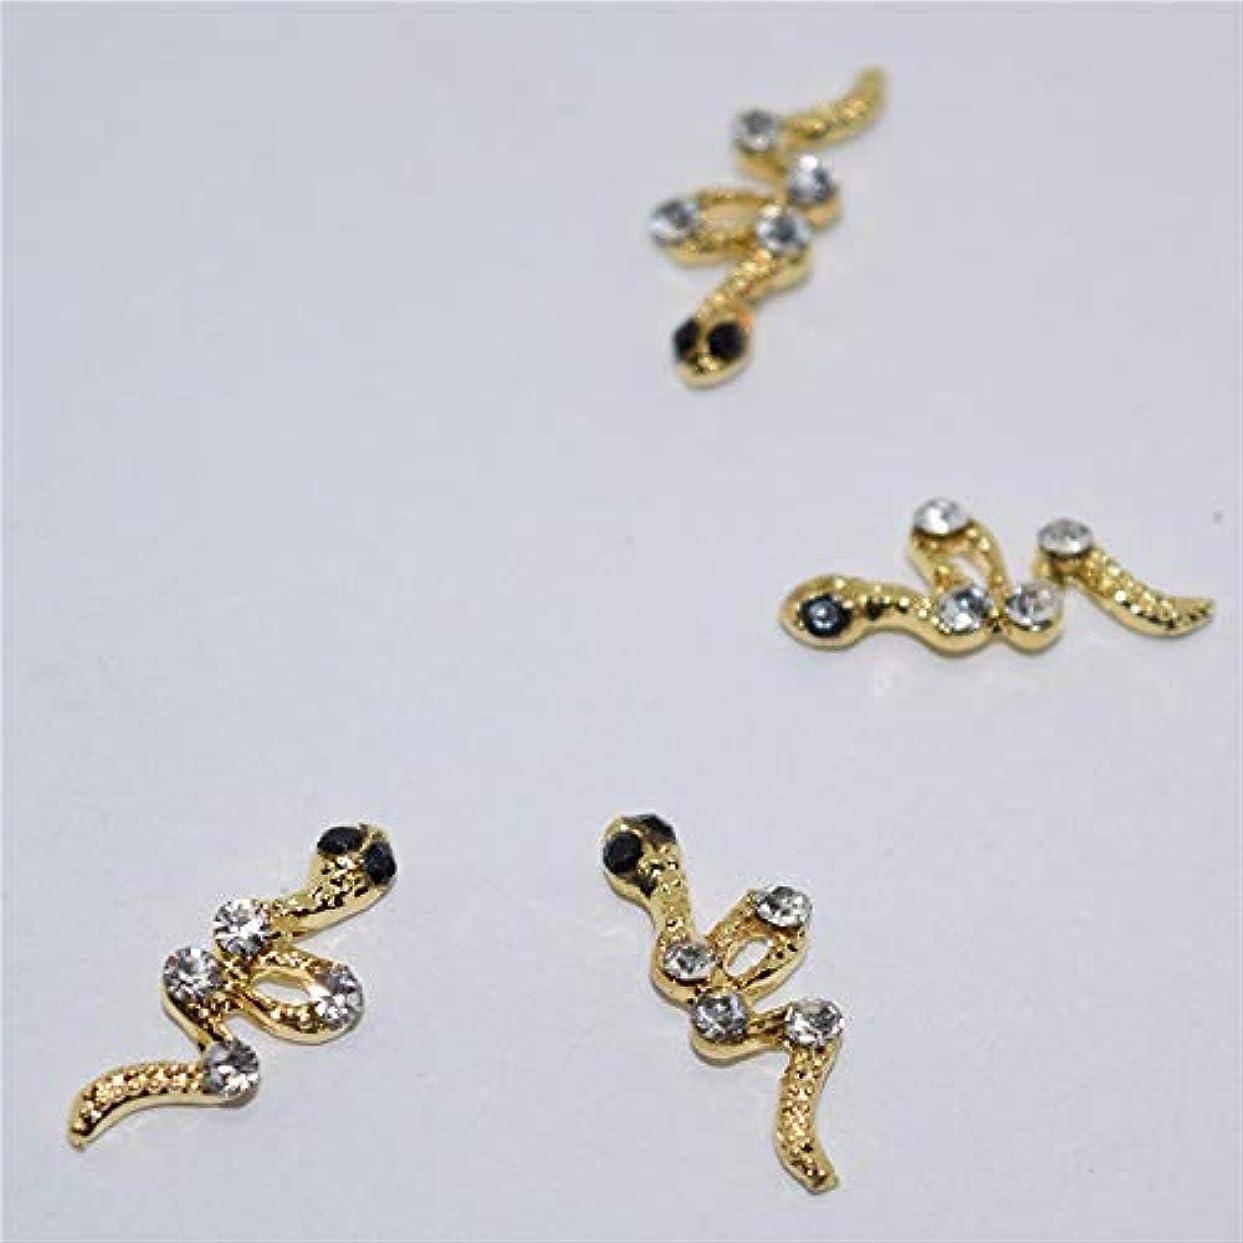 メッセンジャー悪化させる差し迫った10個入りゴールデンスネーク動物の3Dネイルアートの装飾合金ネイルチャームネイルズラインストーンネイル用品